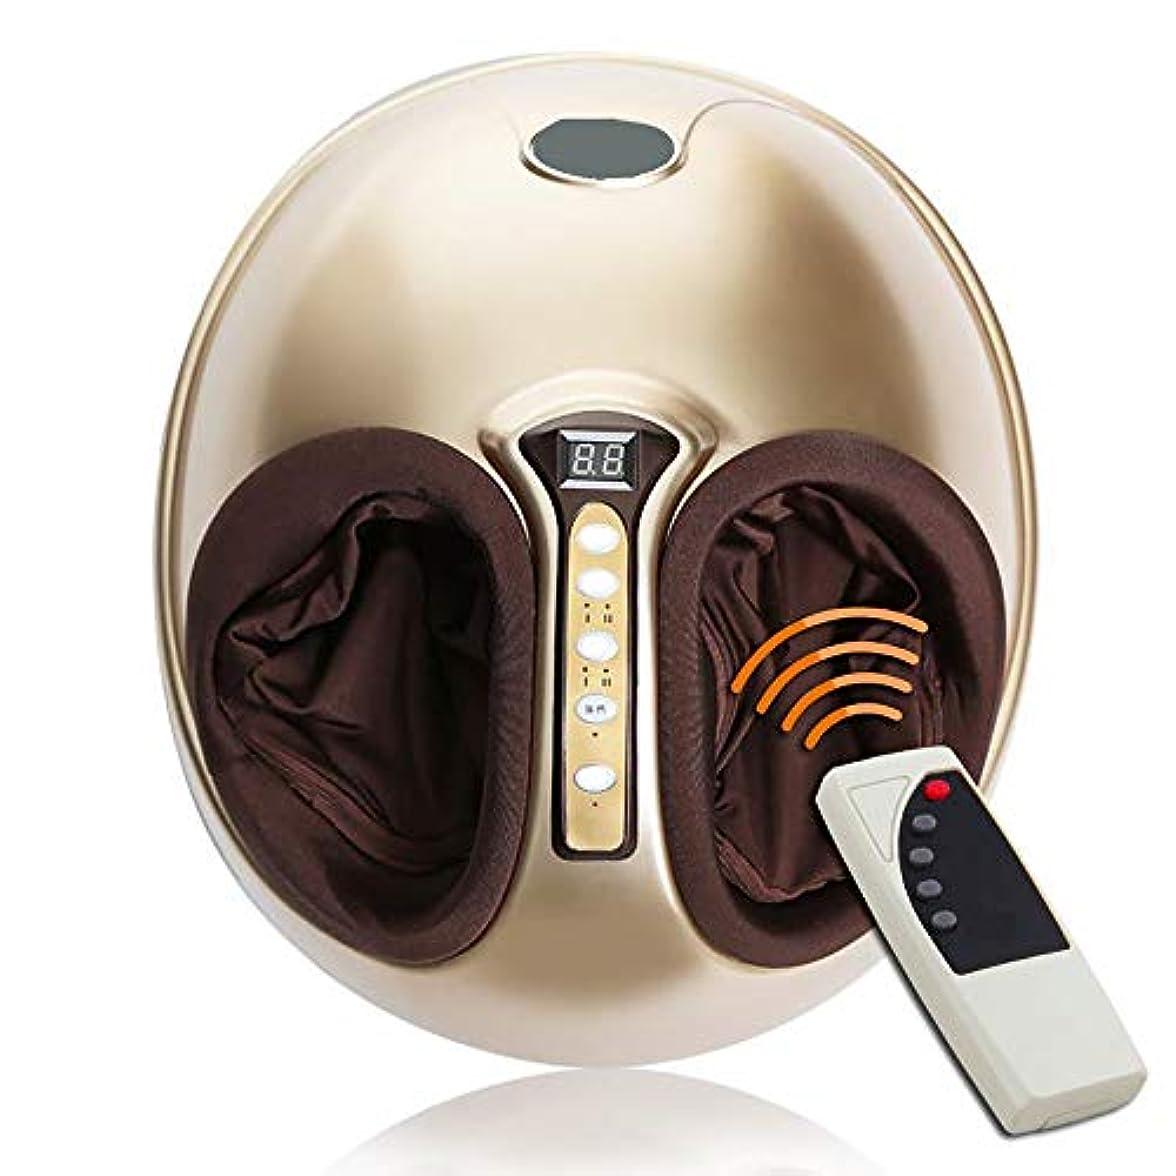 被害者ポンペイ浸漬フットマッサージャー指圧マッサージ器高温混練ローリング圧縮空気と強度調節可能な家庭用マッサージャーはストレスを軽減します